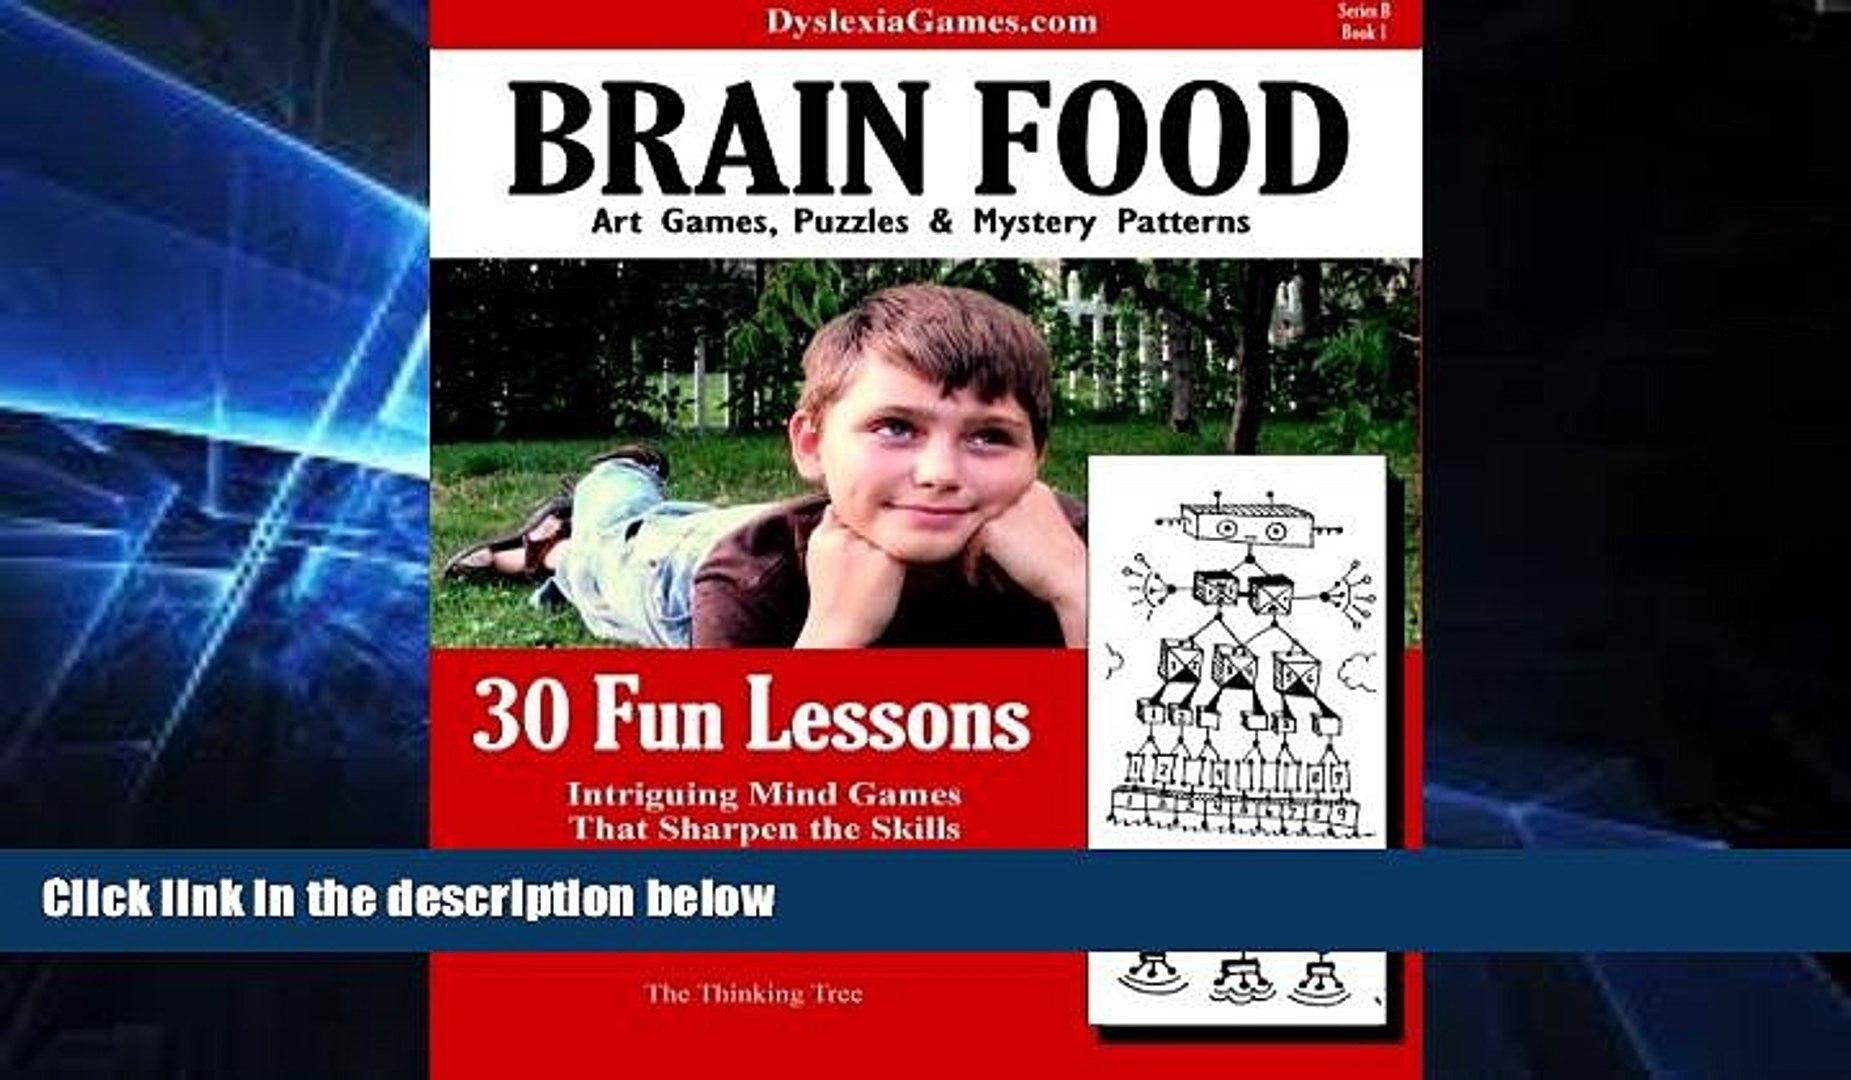 Big Deals  Dyslexia Games - Brain Food - Series B Book 1 (Dyslexia Games Series B) (Volume 1)